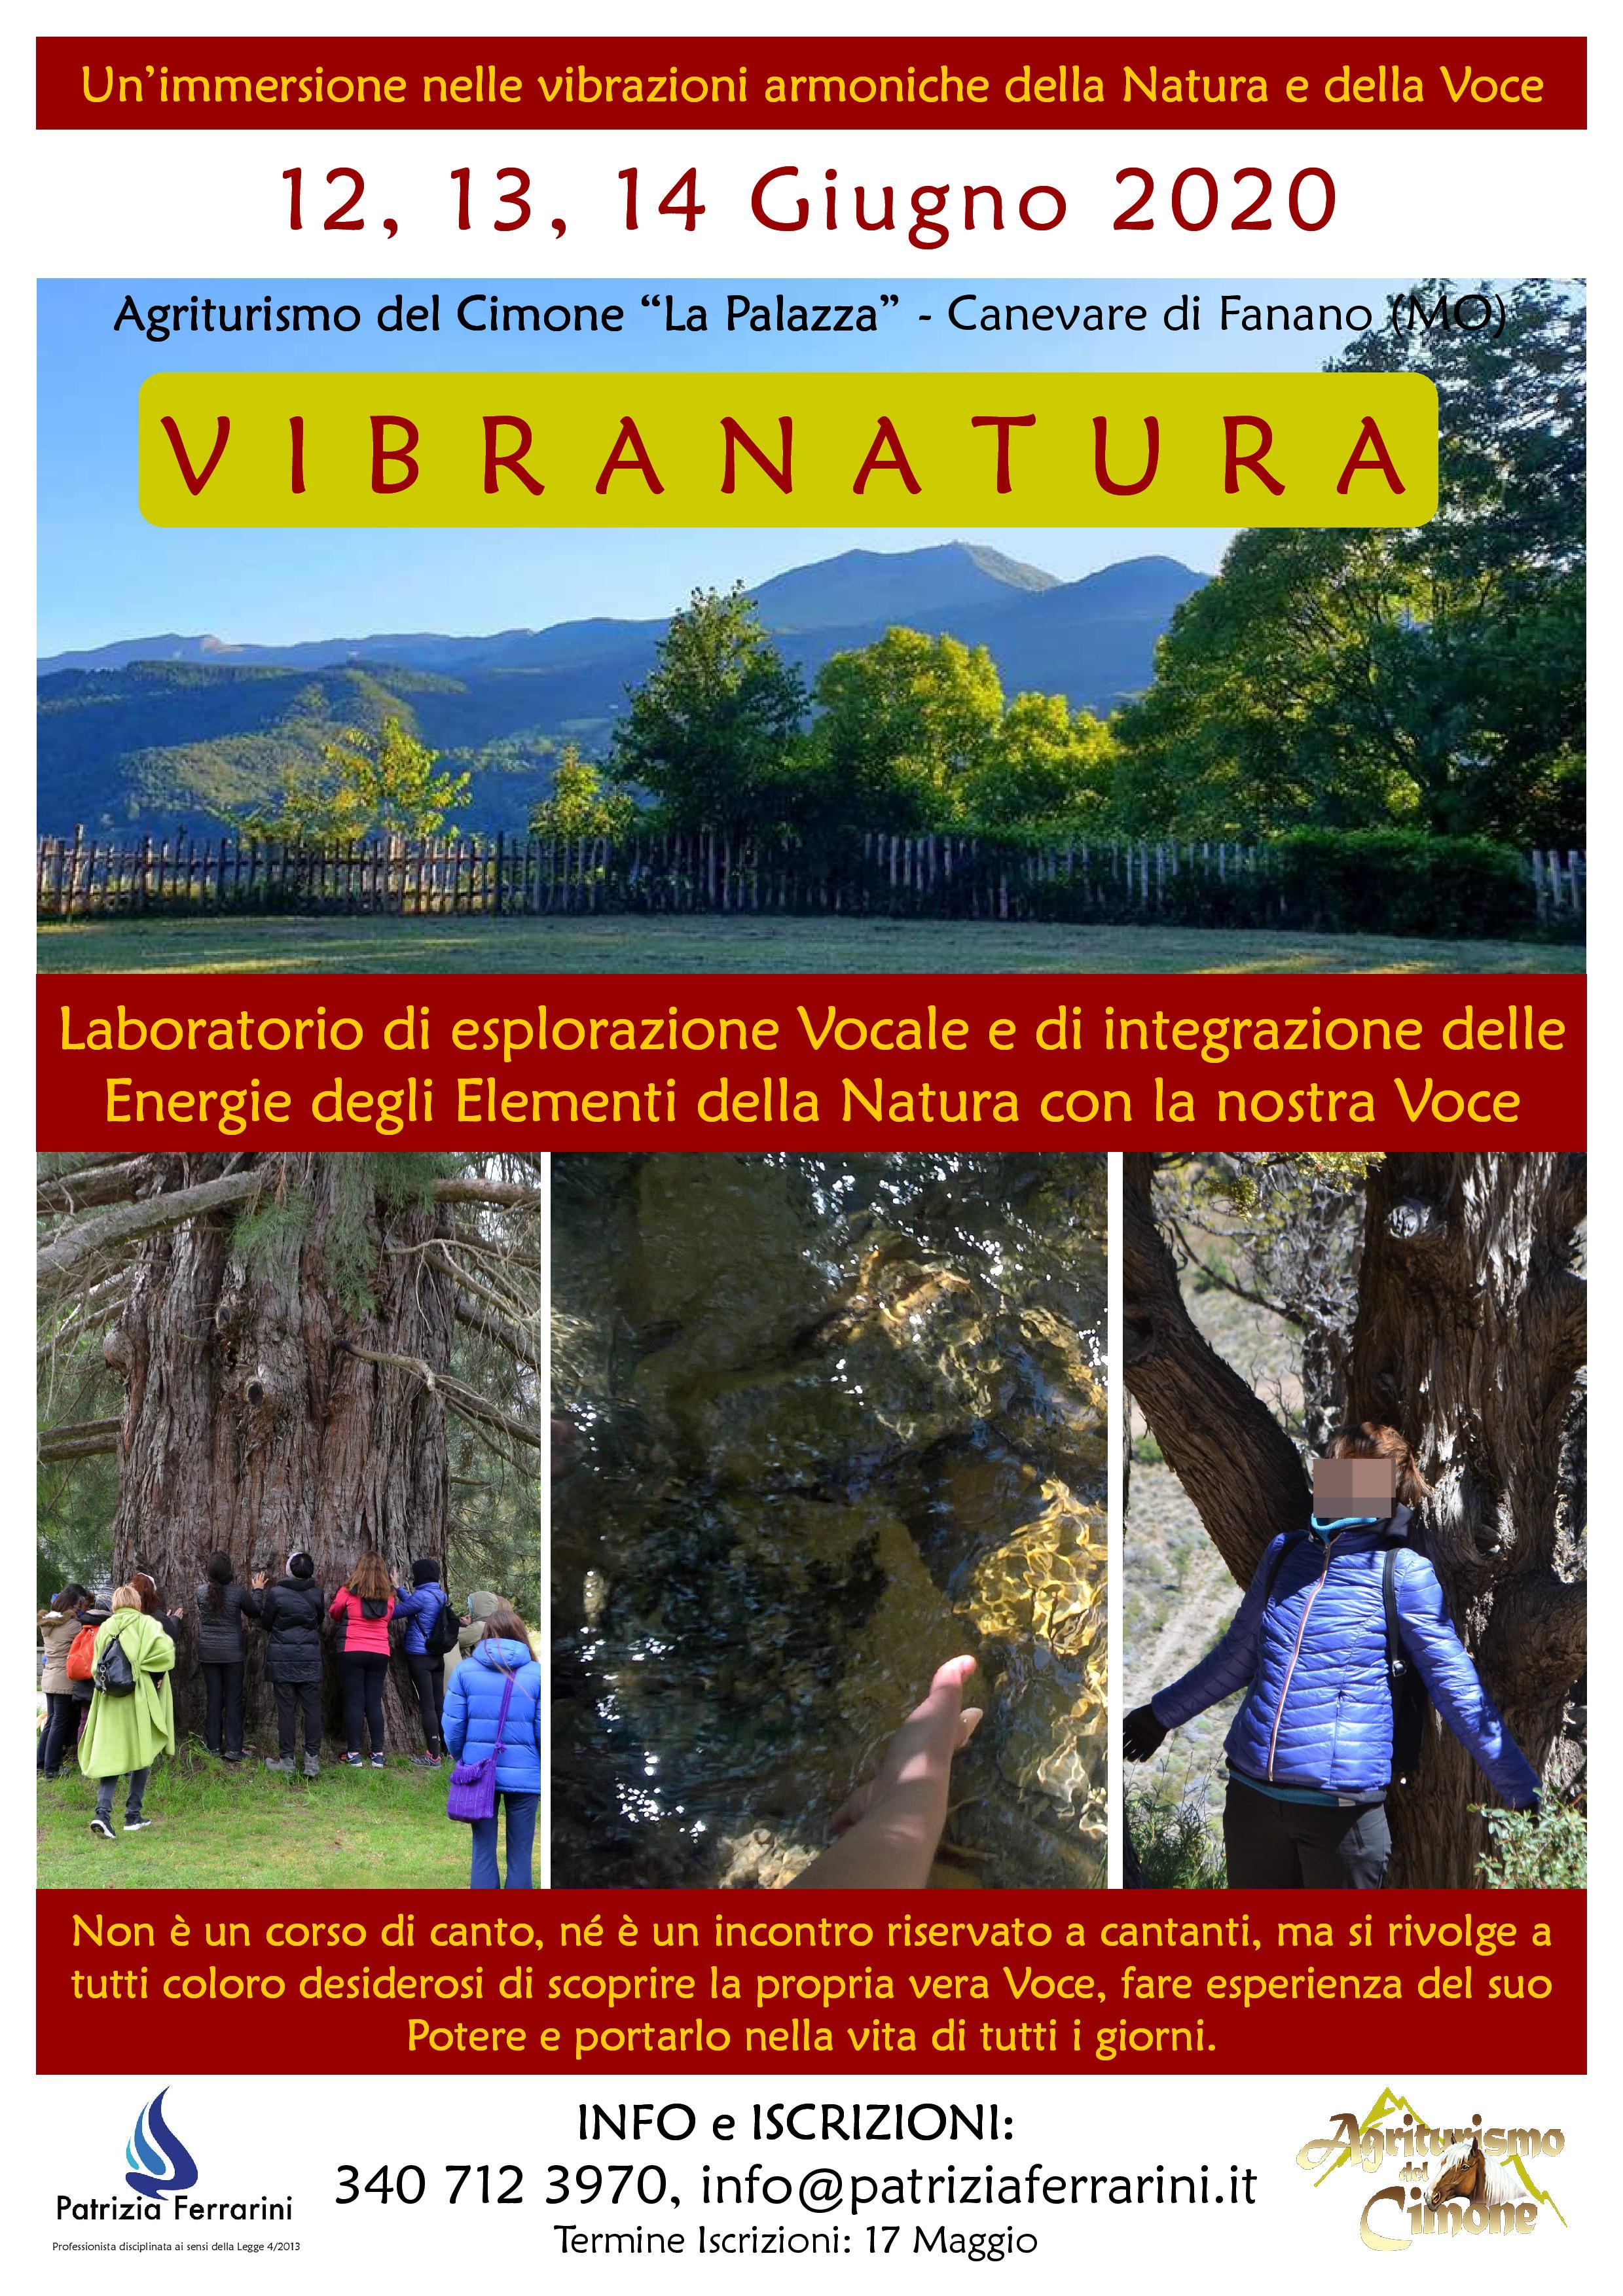 Vibranatura_Cimone_giugno_2020_loca_web-page-001